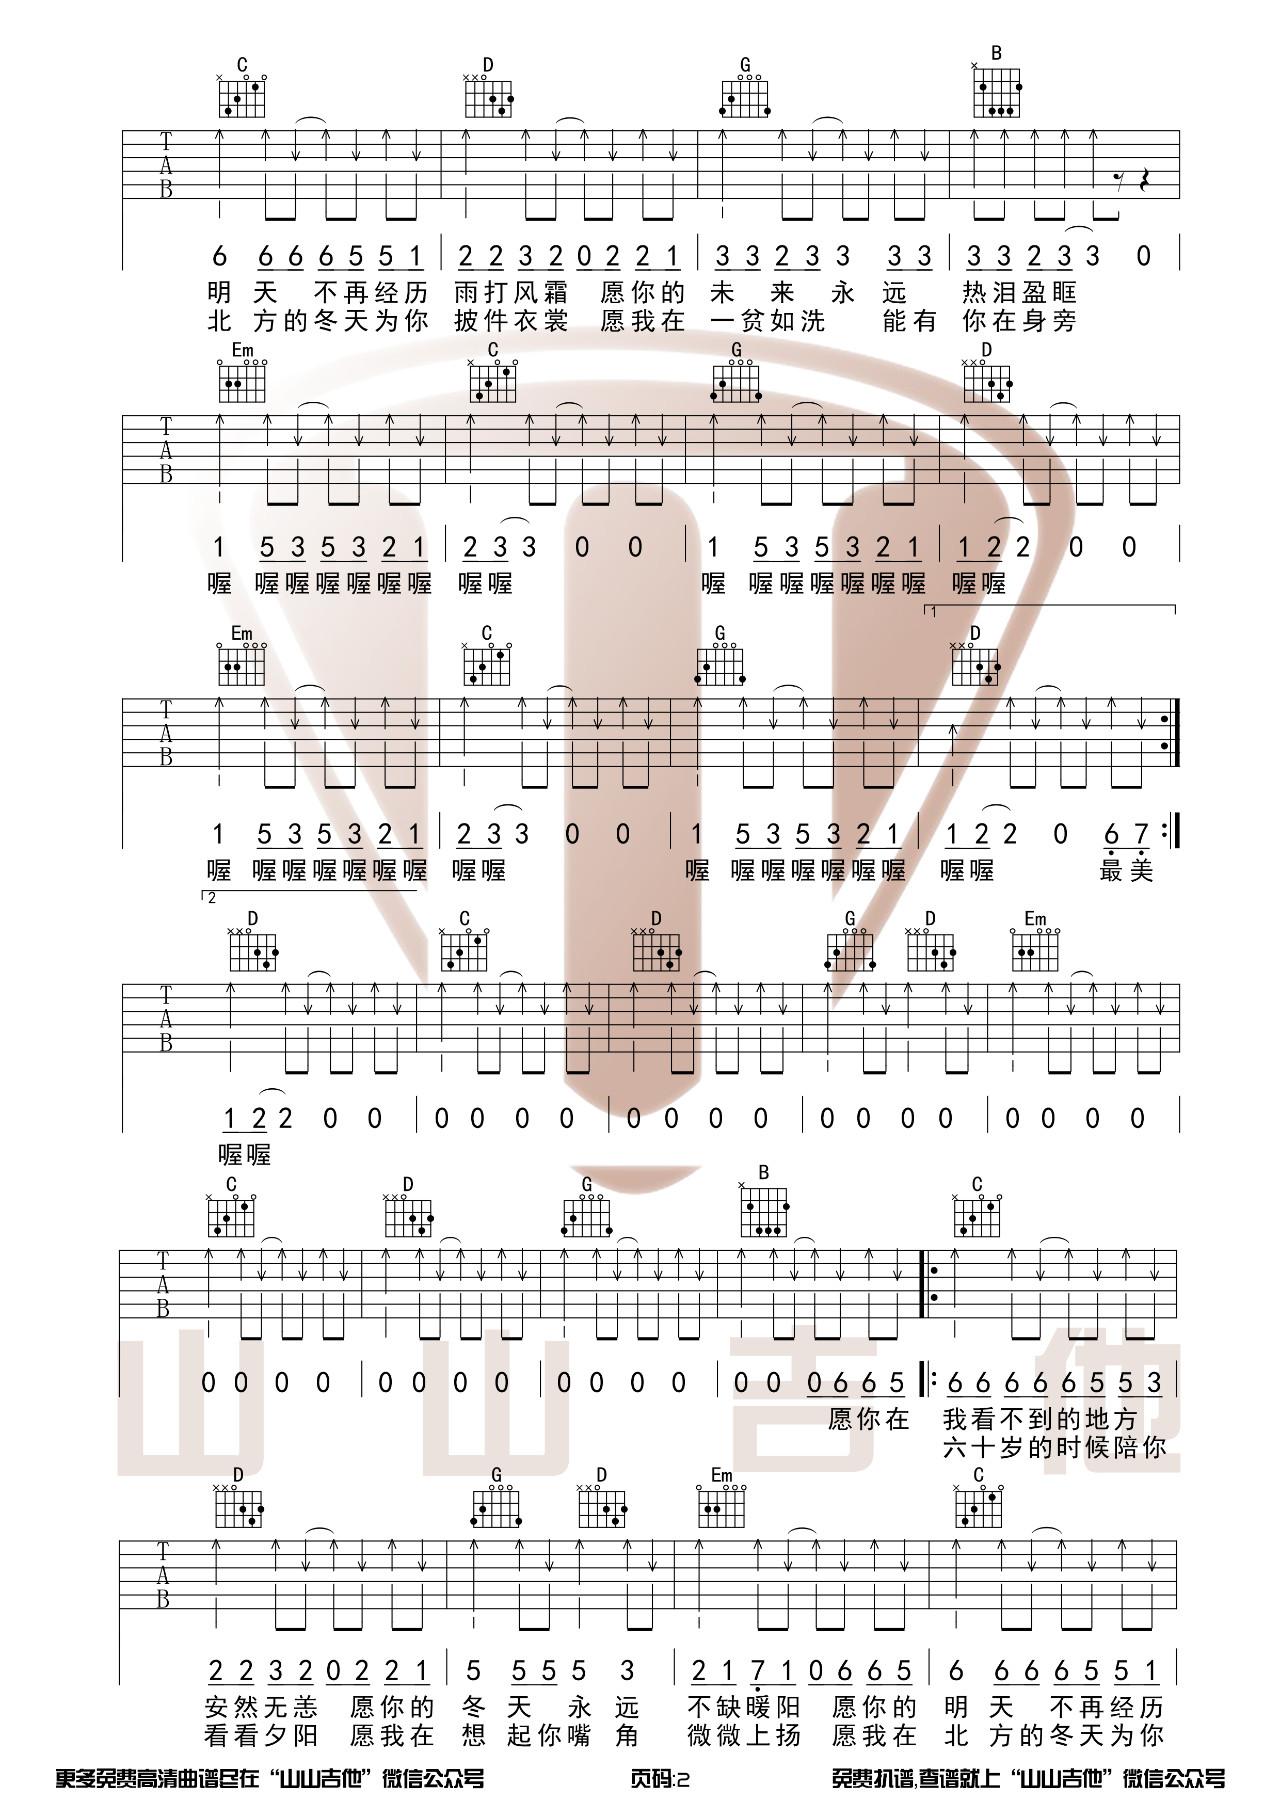 吉他派《你是人间四月天》吉他谱-2